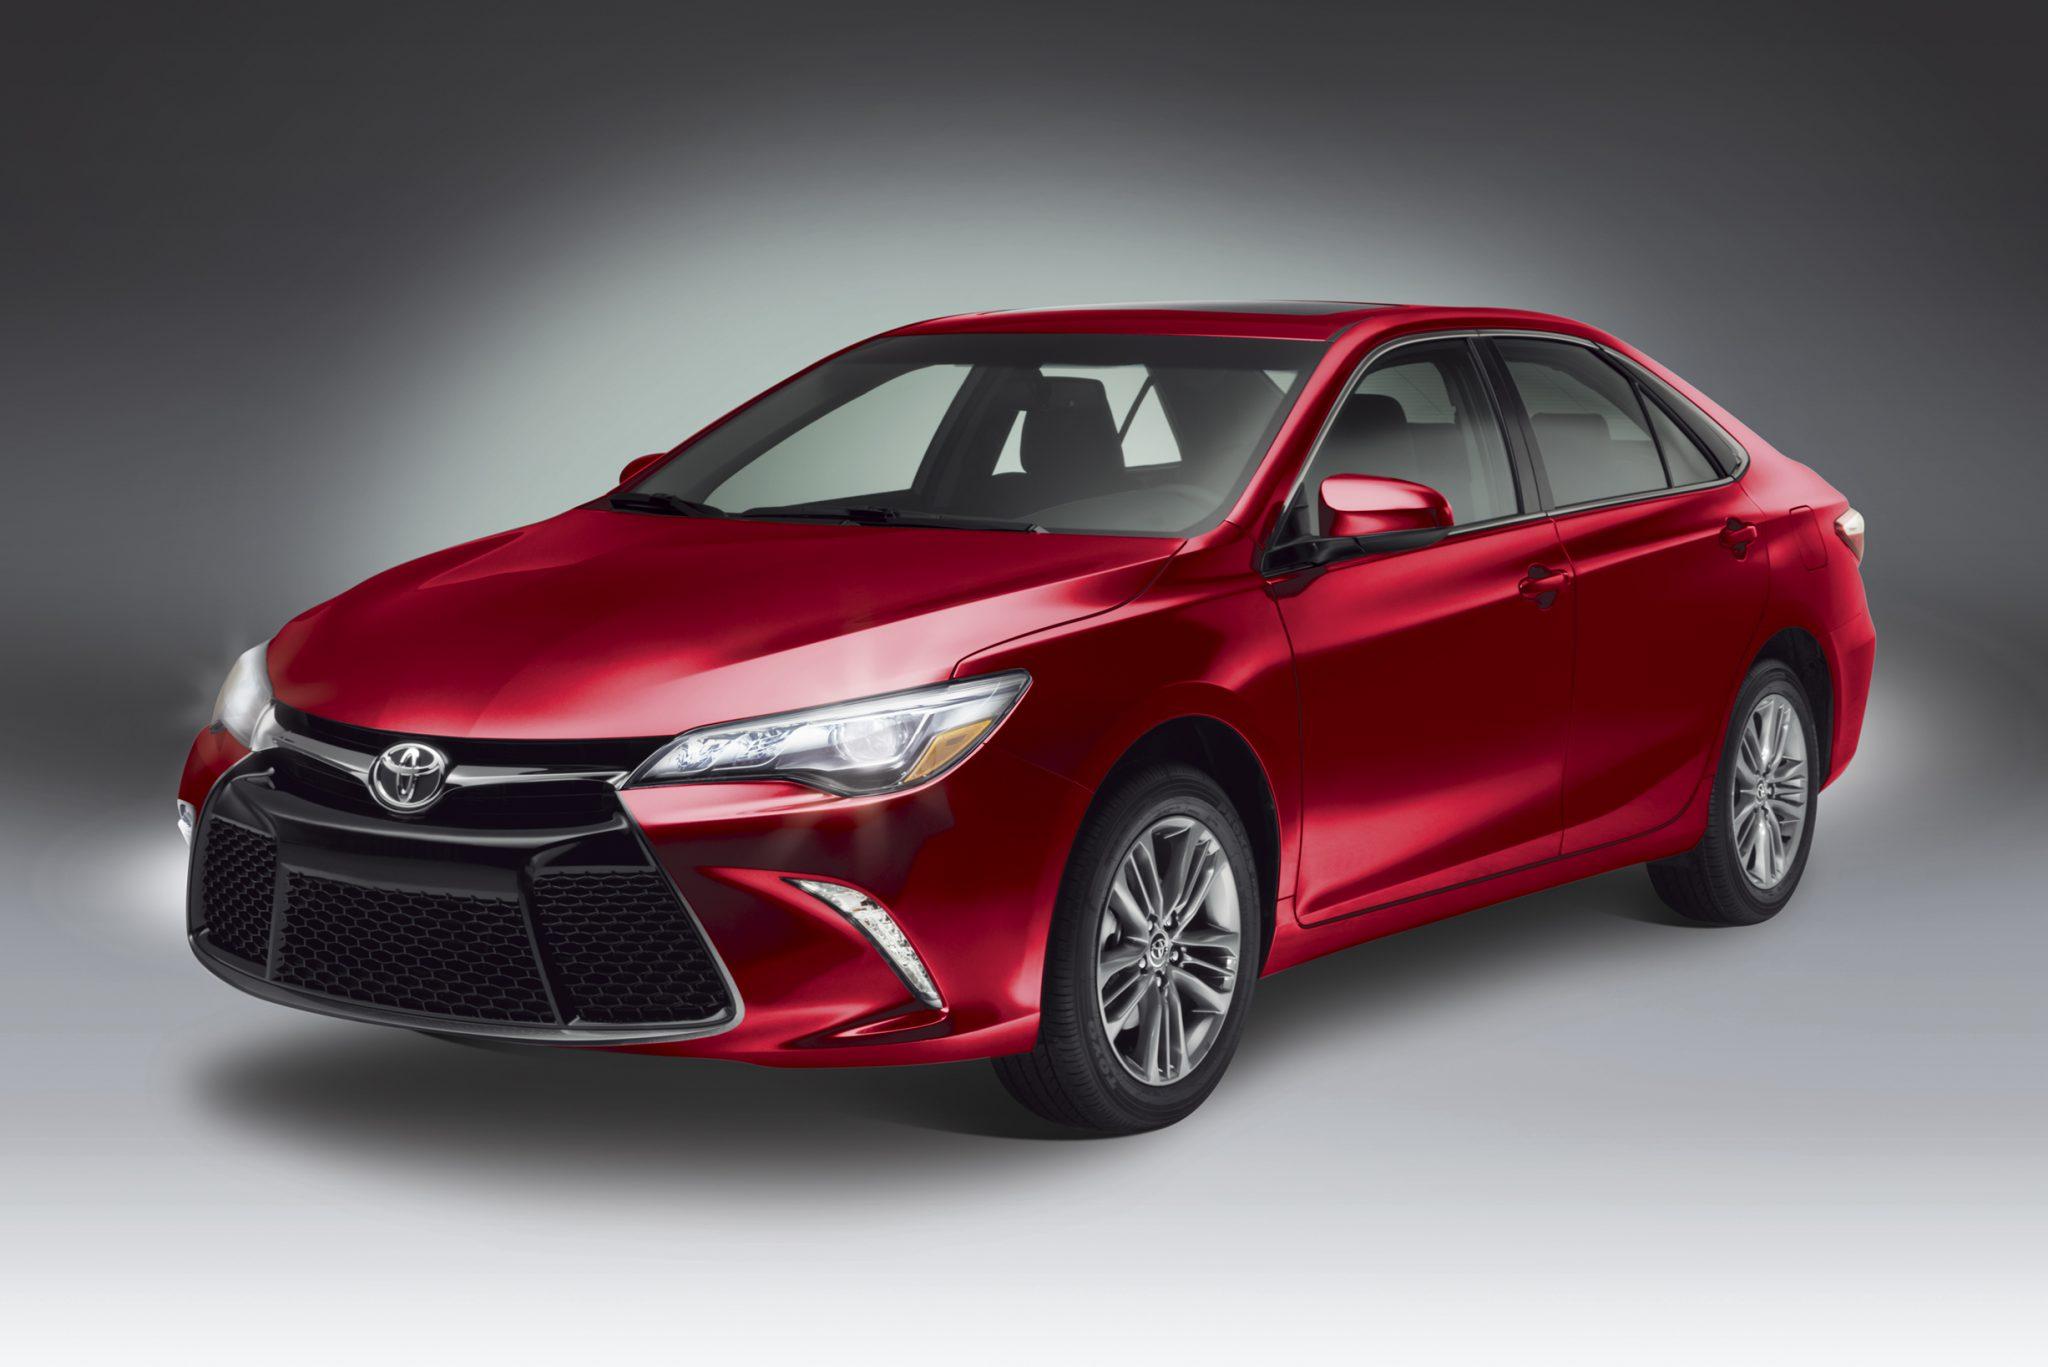 Noticias: Toyota Camry 2015 llega a México